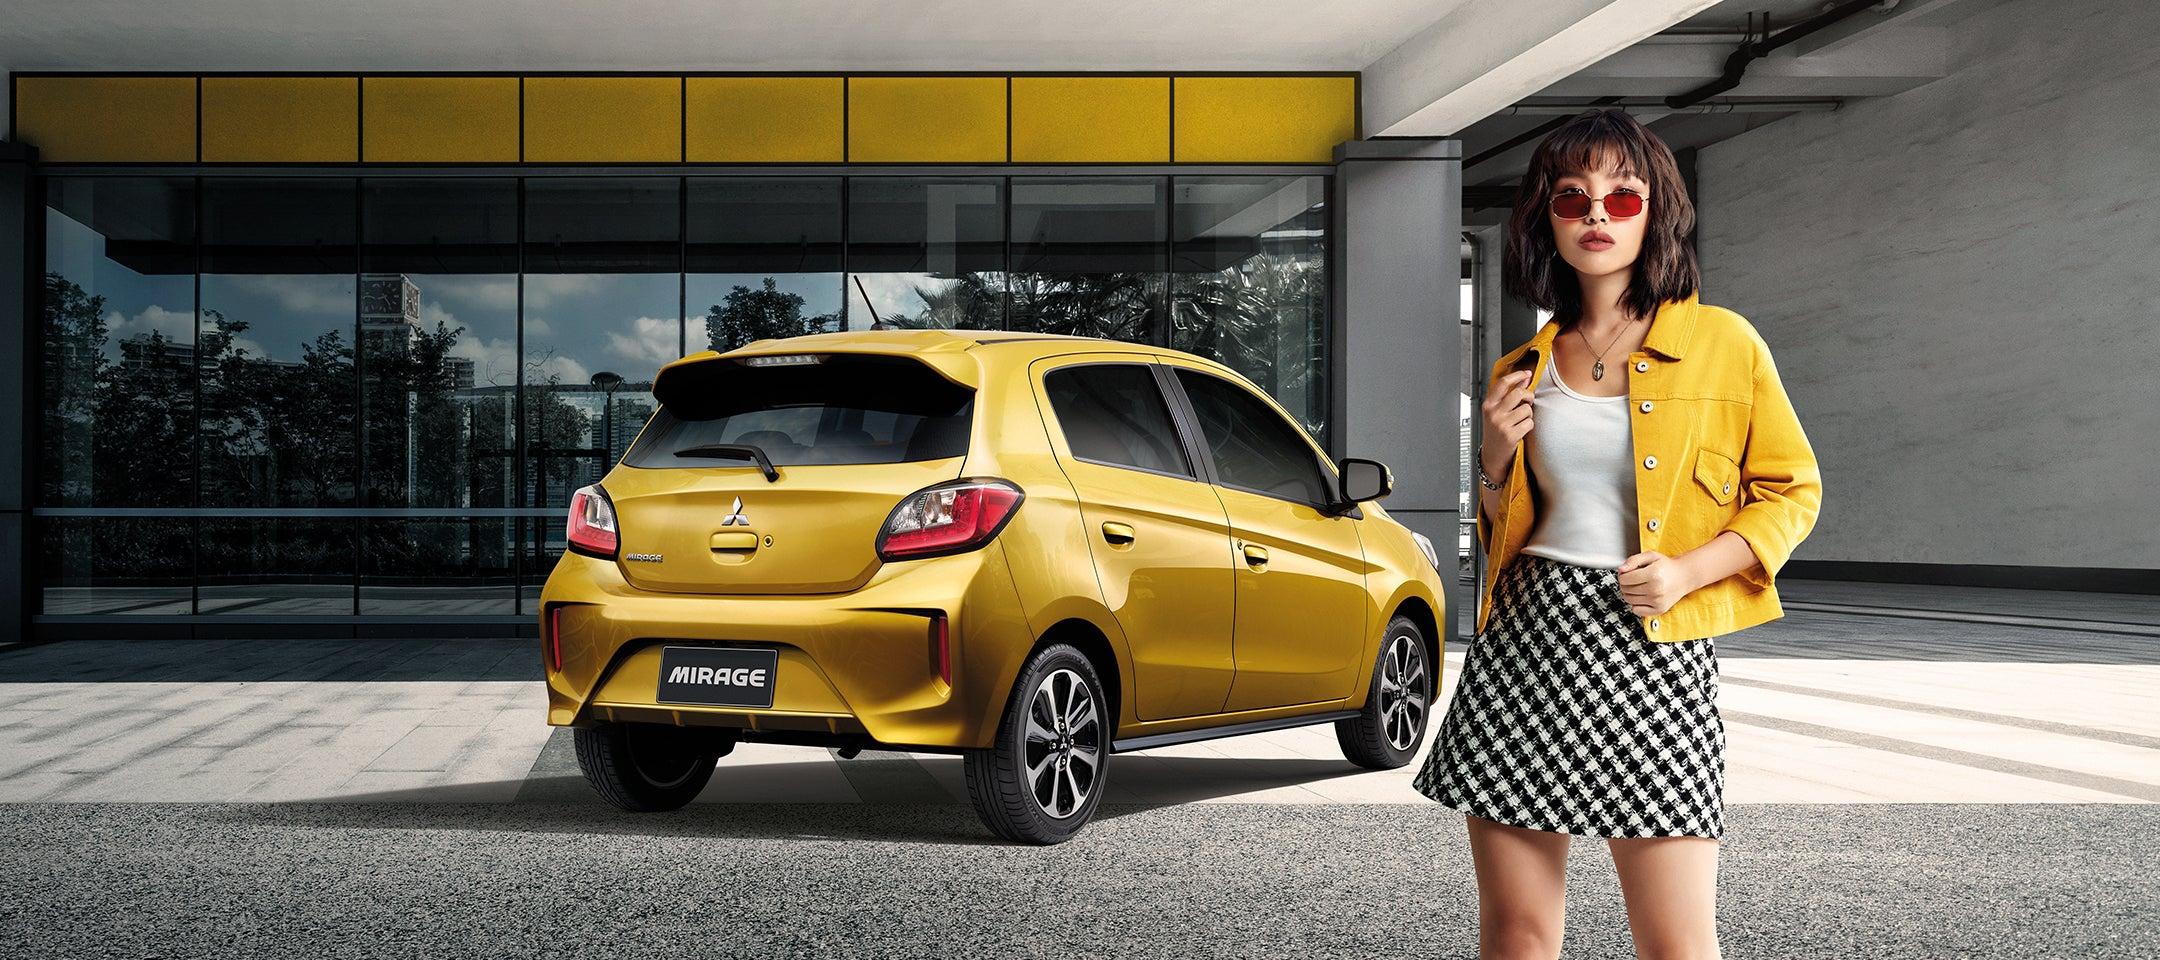 6. ข่าวรถวันนี้ : มิตซูบิชิ แนะนำทริคเลือกซื้อรถคันแรก.!!.